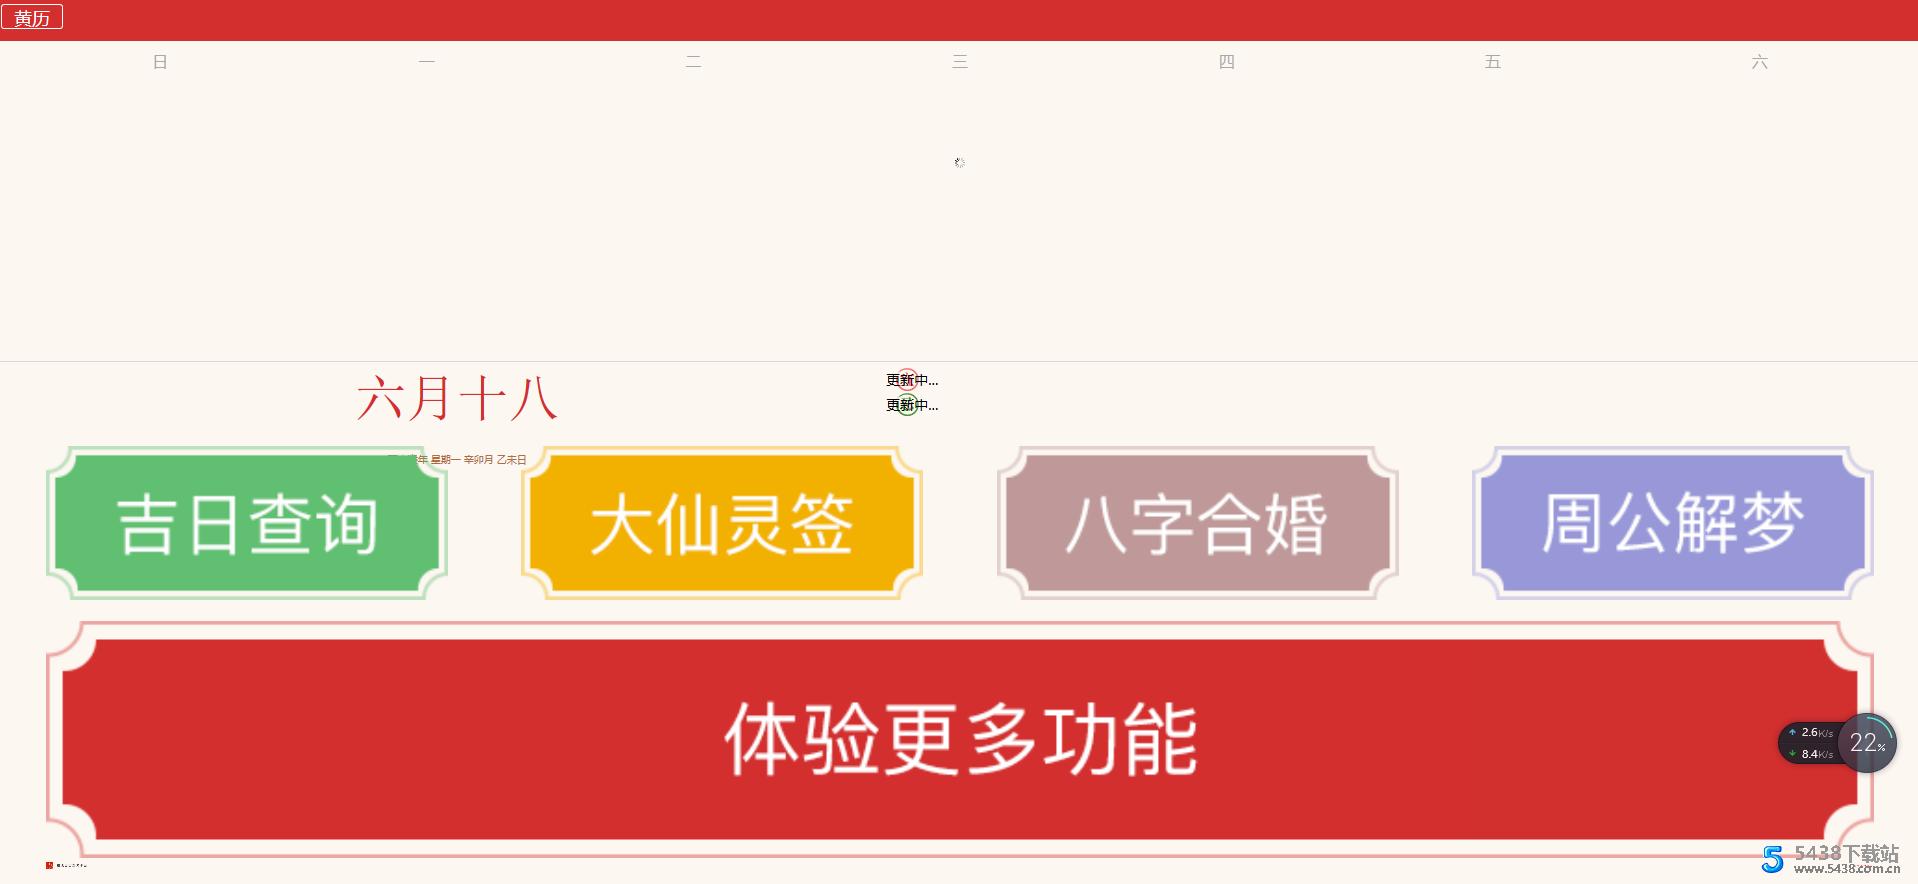 简约黄历日历网站源码分享 上传空间就能打开图片